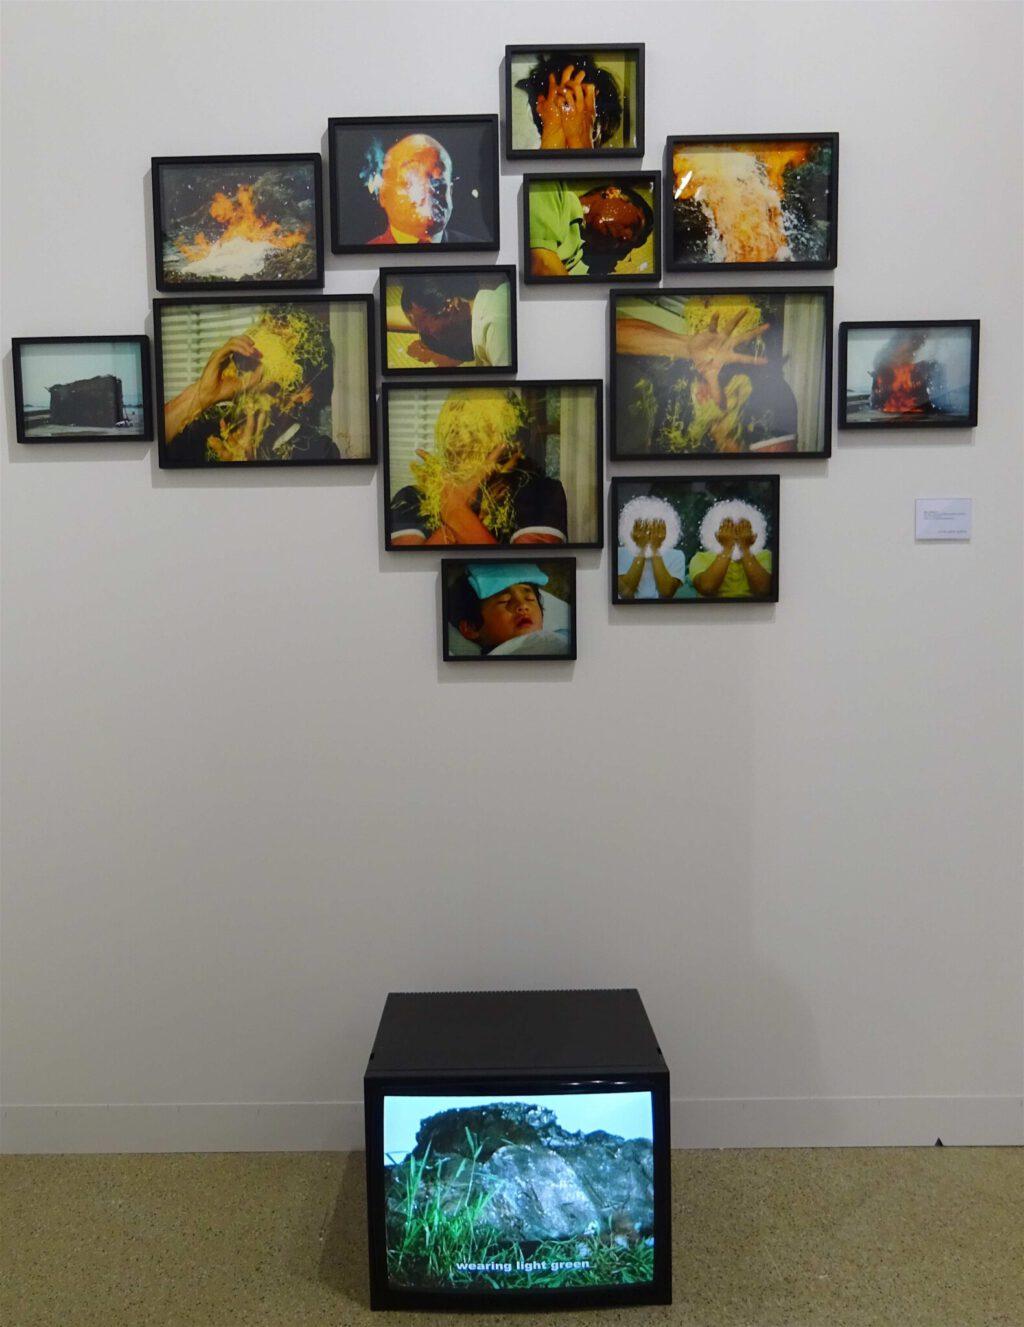 Annet Gelink Gallery, ART BASEL 2017